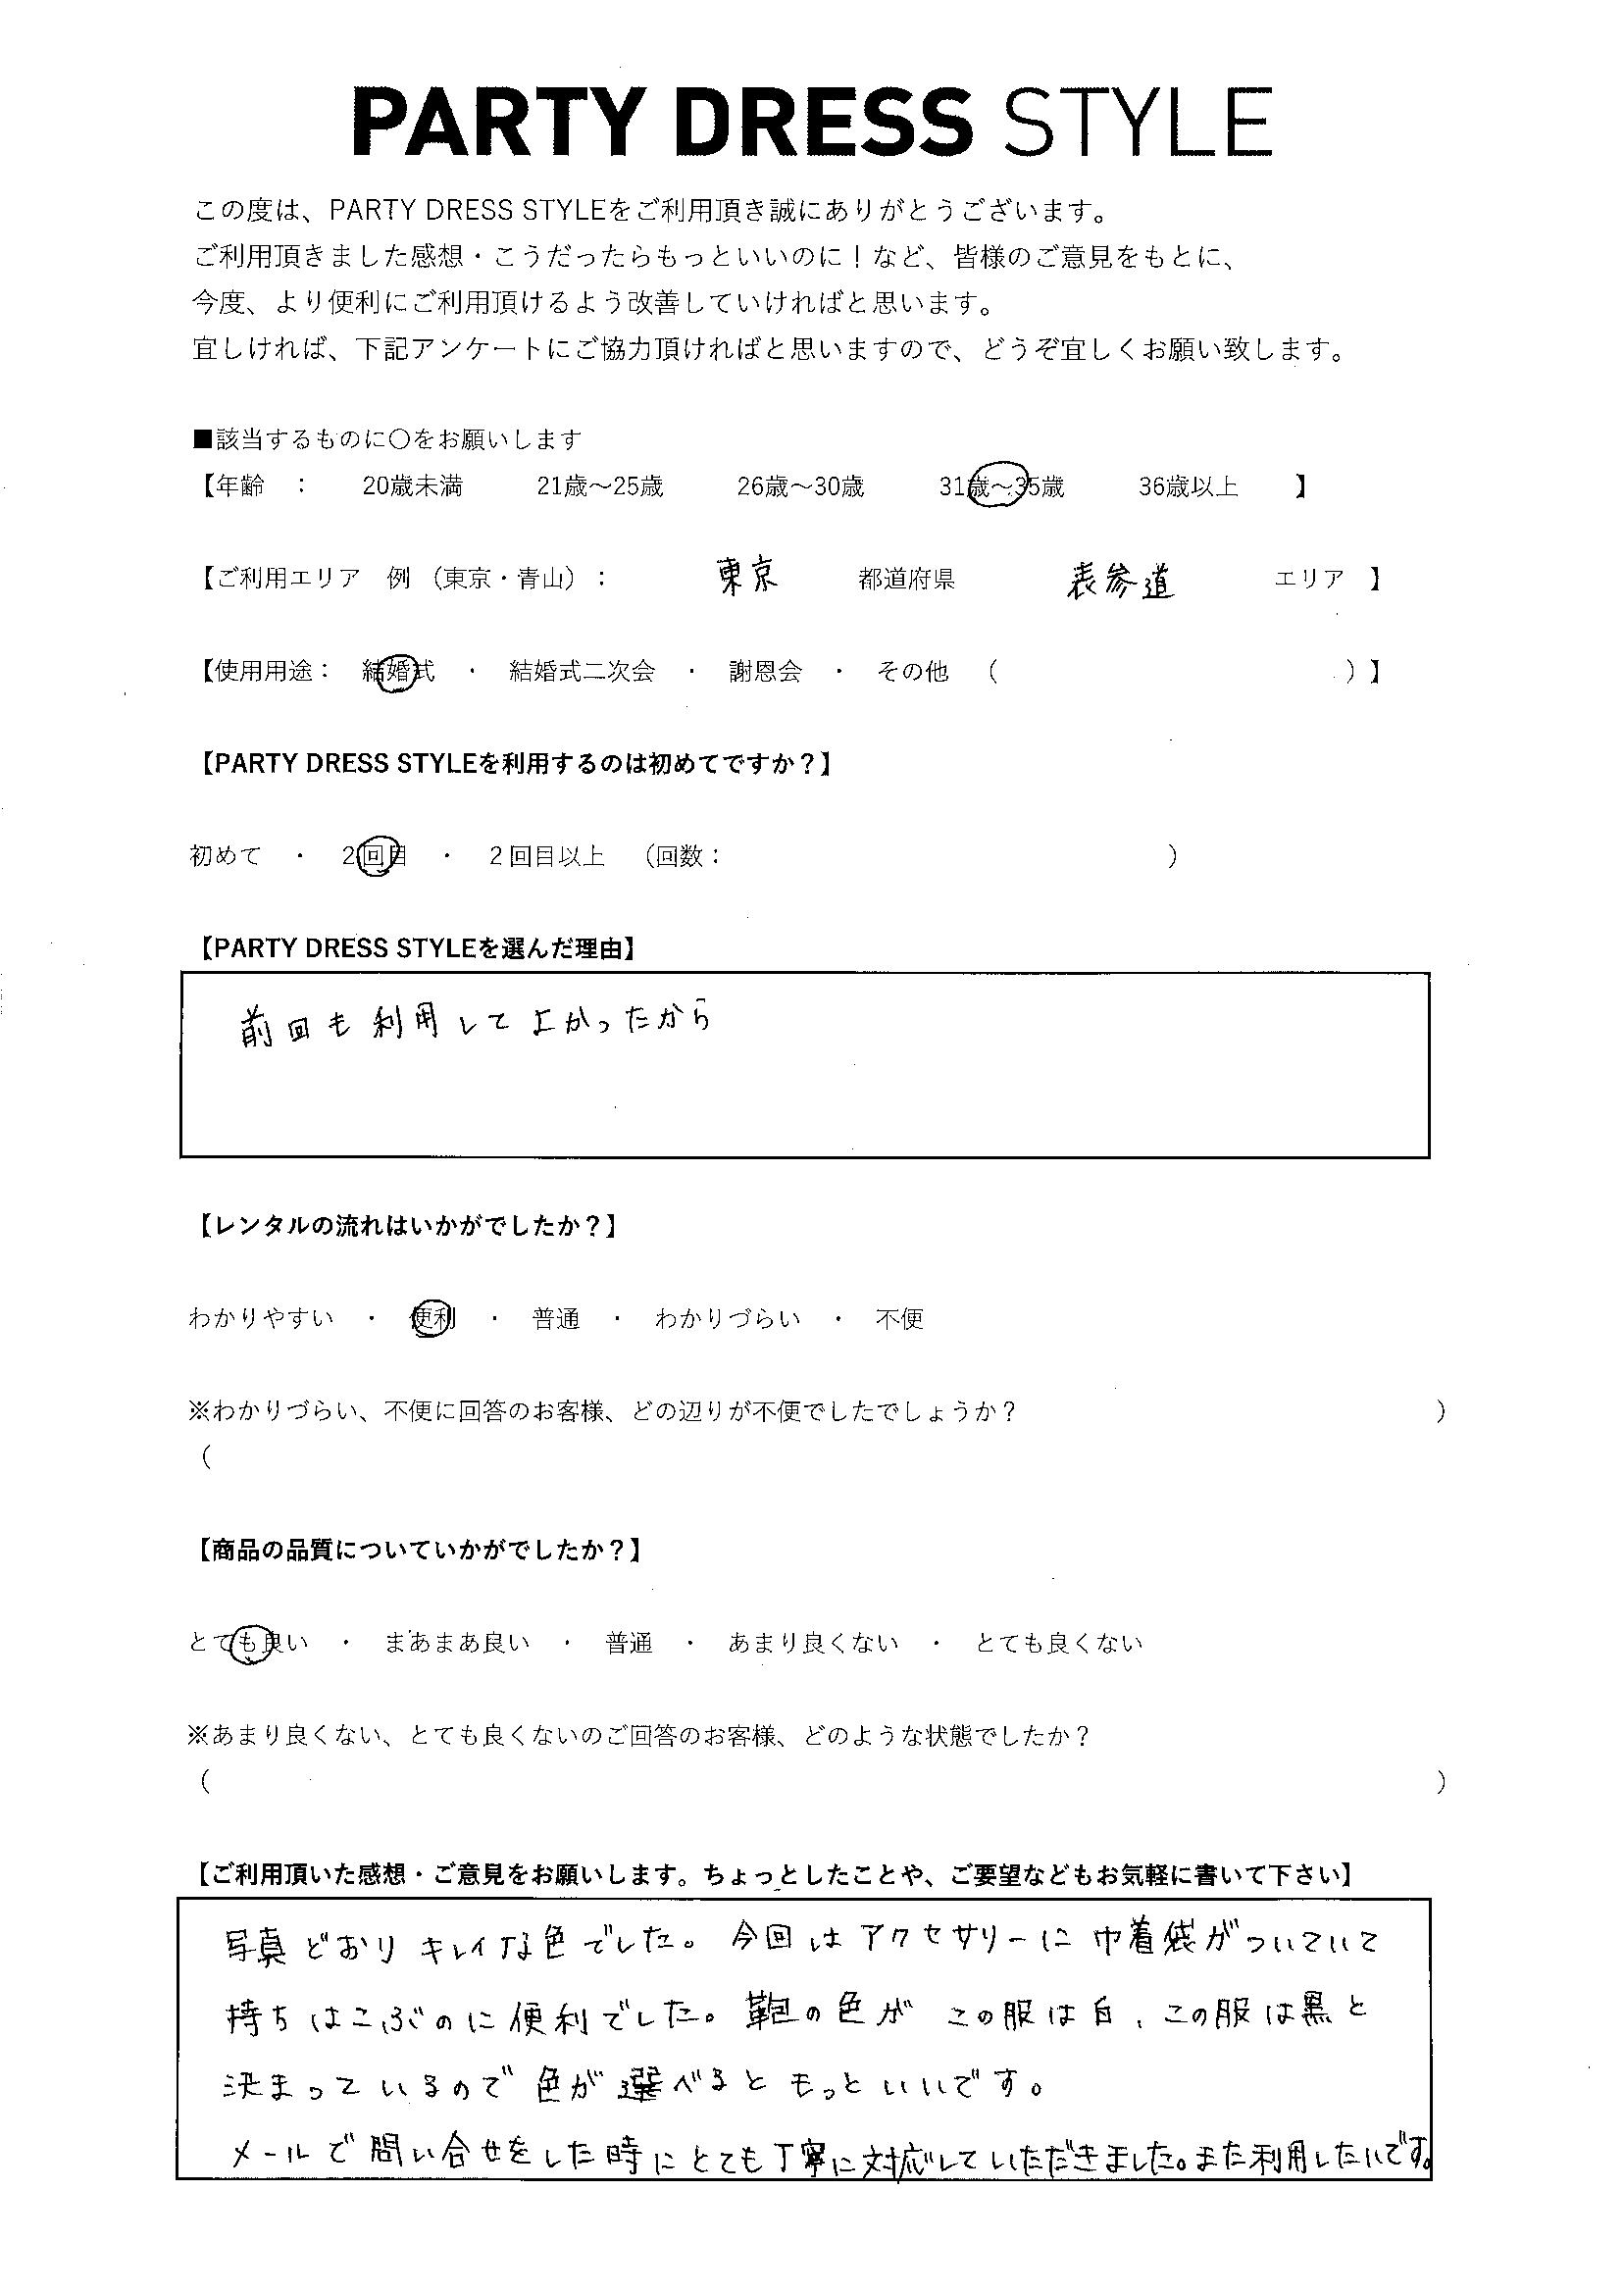 7/26結婚式ご利用 東京・表参道エリア